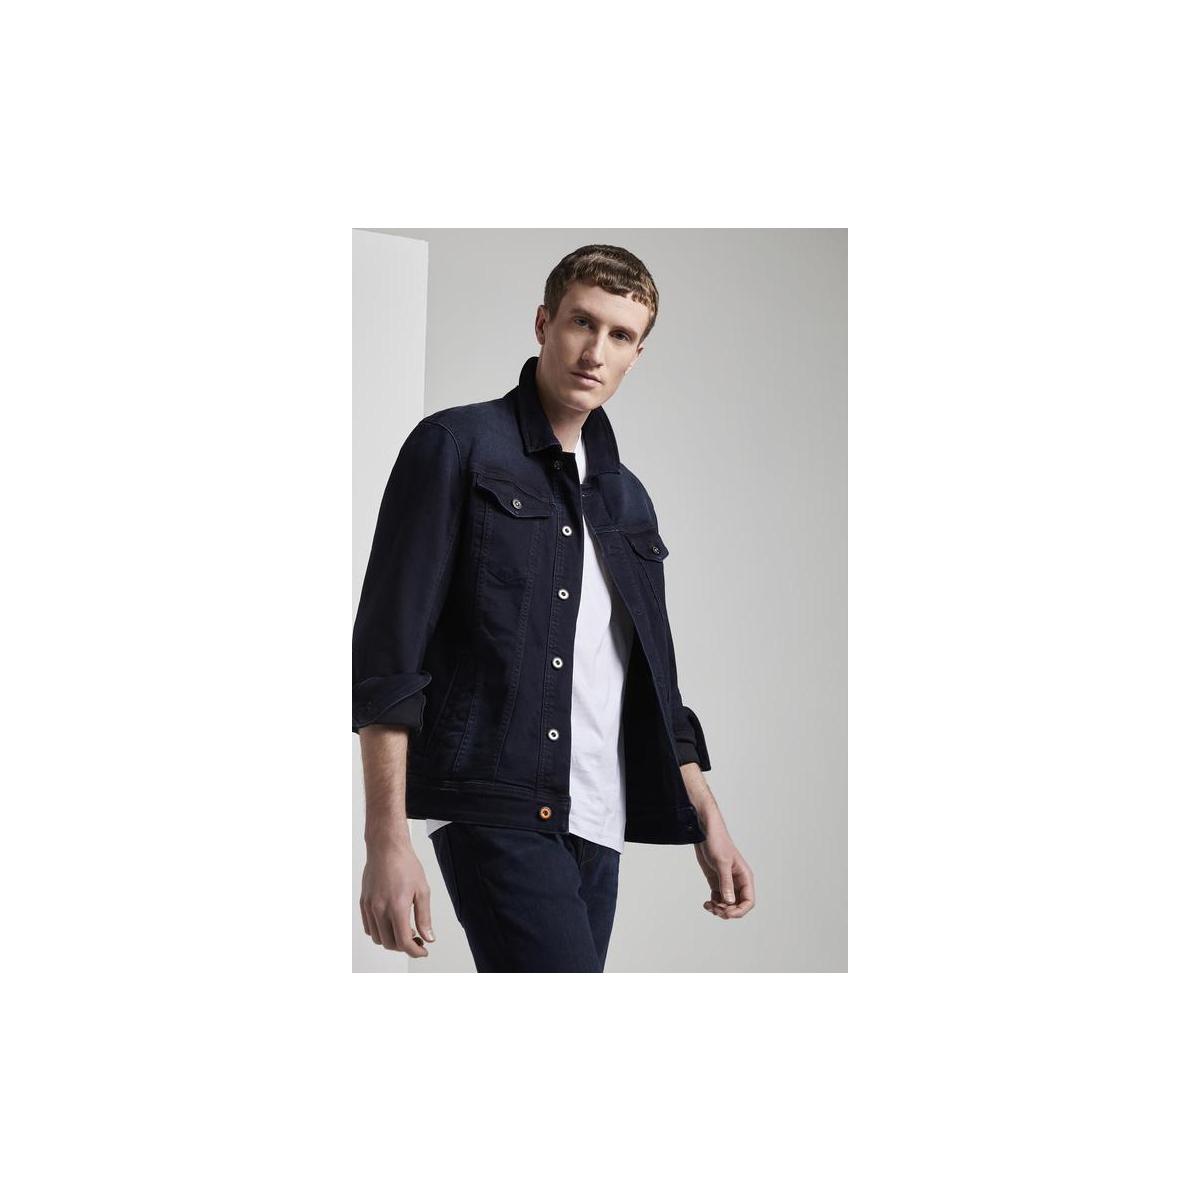 jeans jas met zakken 1014143xx12 tom tailor jas 10170